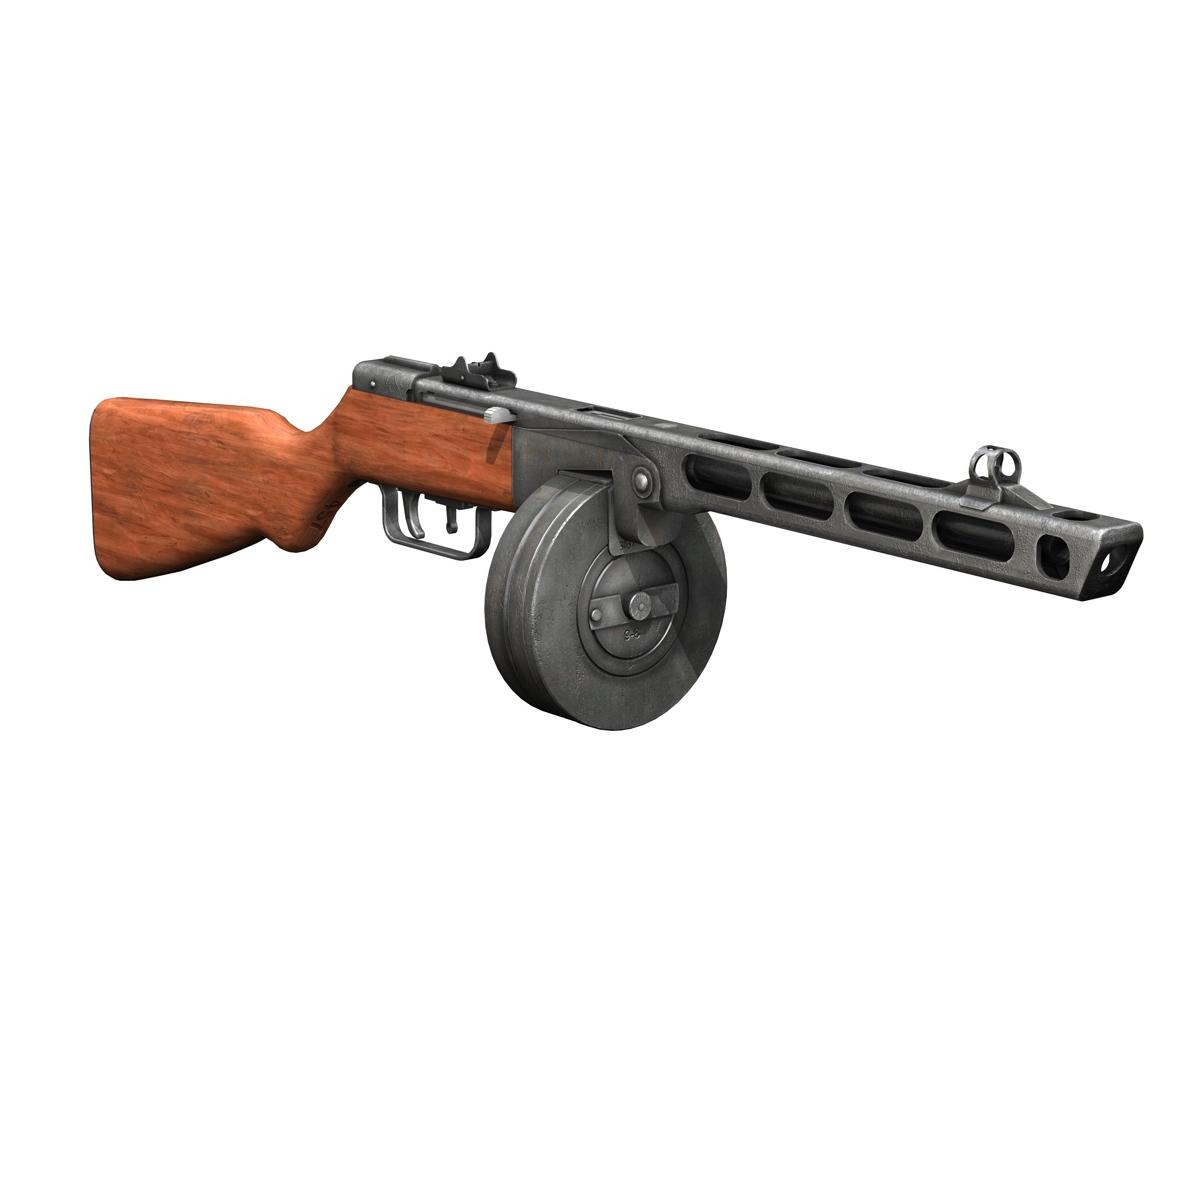 ppsh-41 – soviet submachine gun 3d model 3ds fbx c4d lwo obj 196952